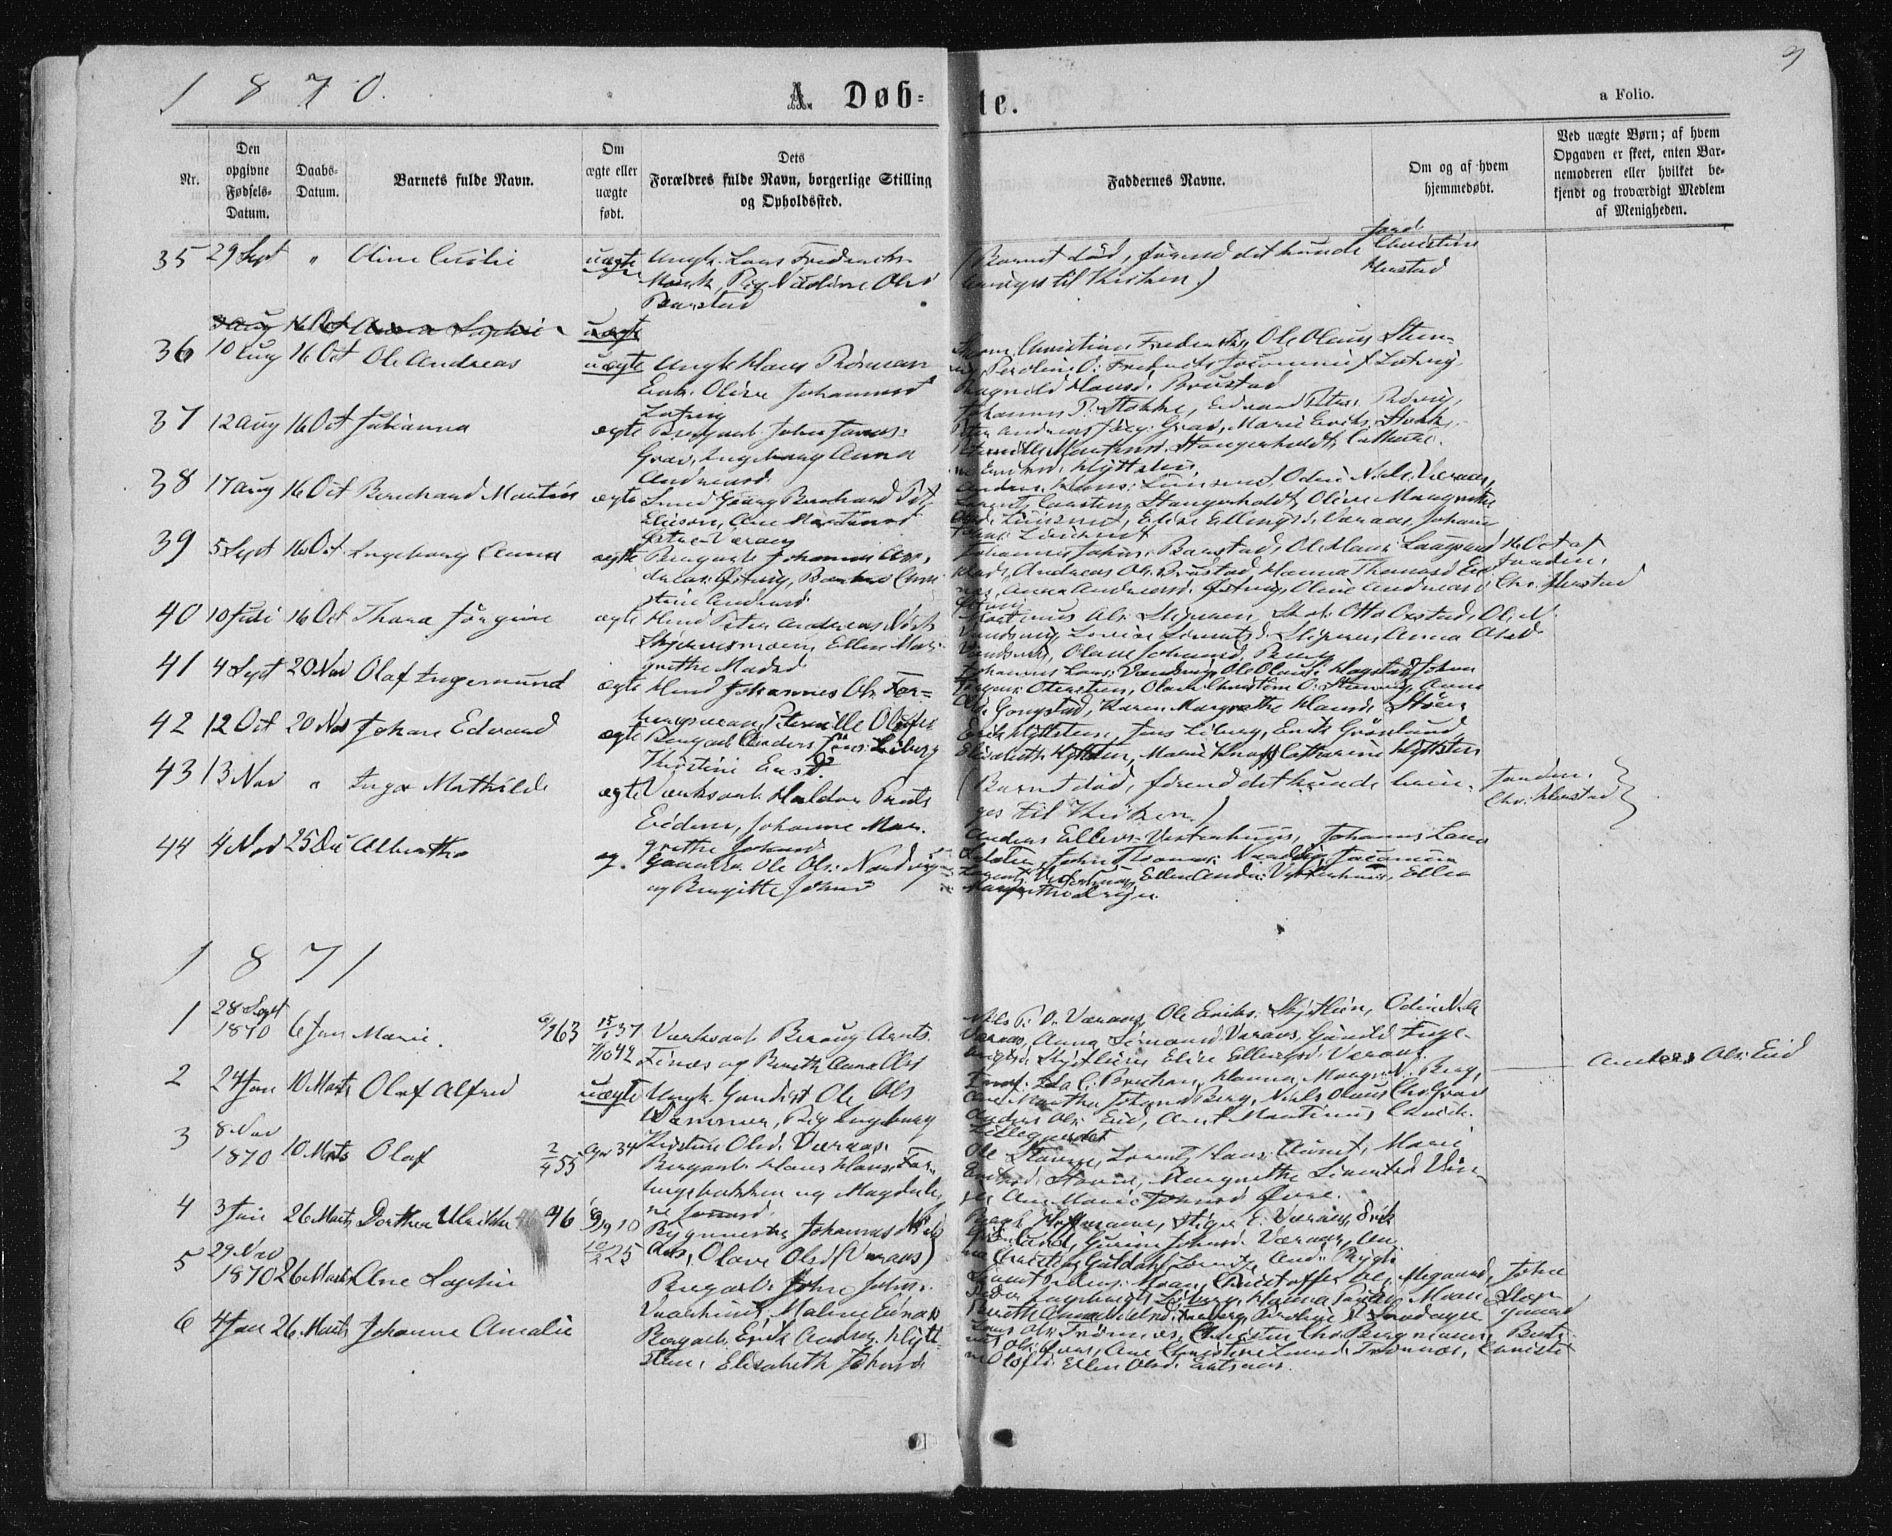 SAT, Ministerialprotokoller, klokkerbøker og fødselsregistre - Nord-Trøndelag, 722/L0219: Ministerialbok nr. 722A06, 1868-1880, s. 9